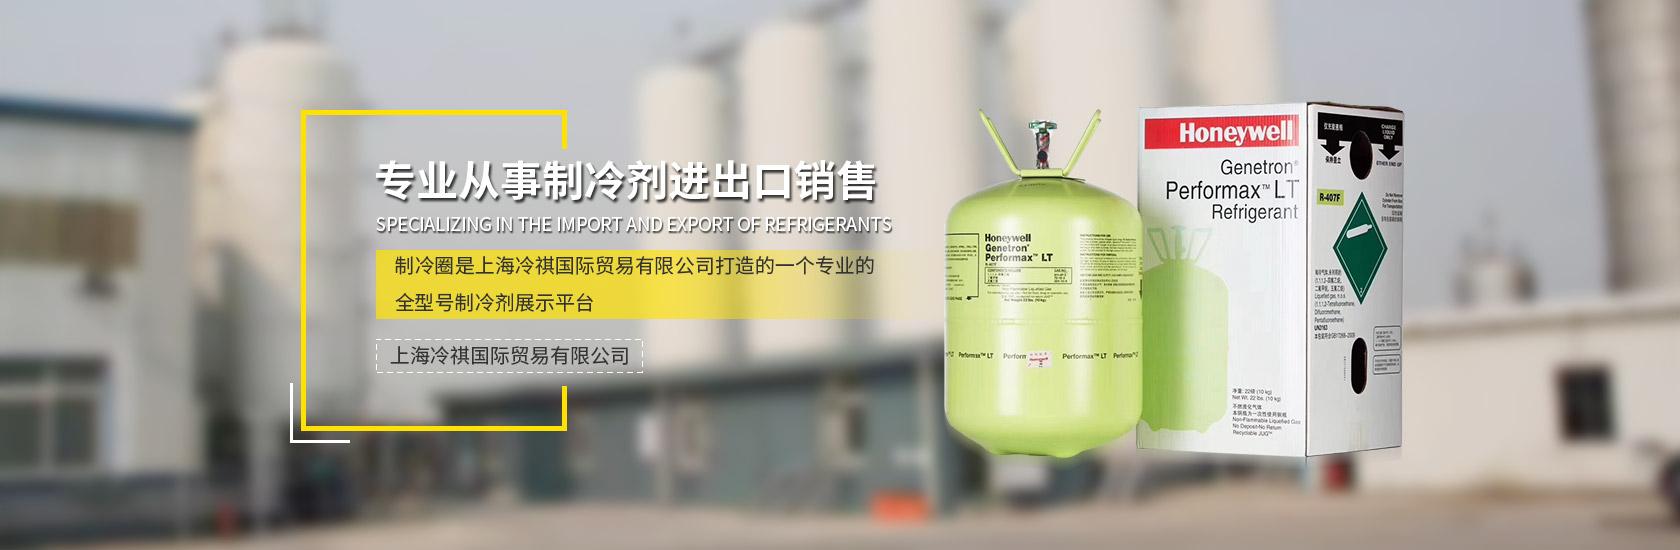 上海冷祺国际贸易有限公司